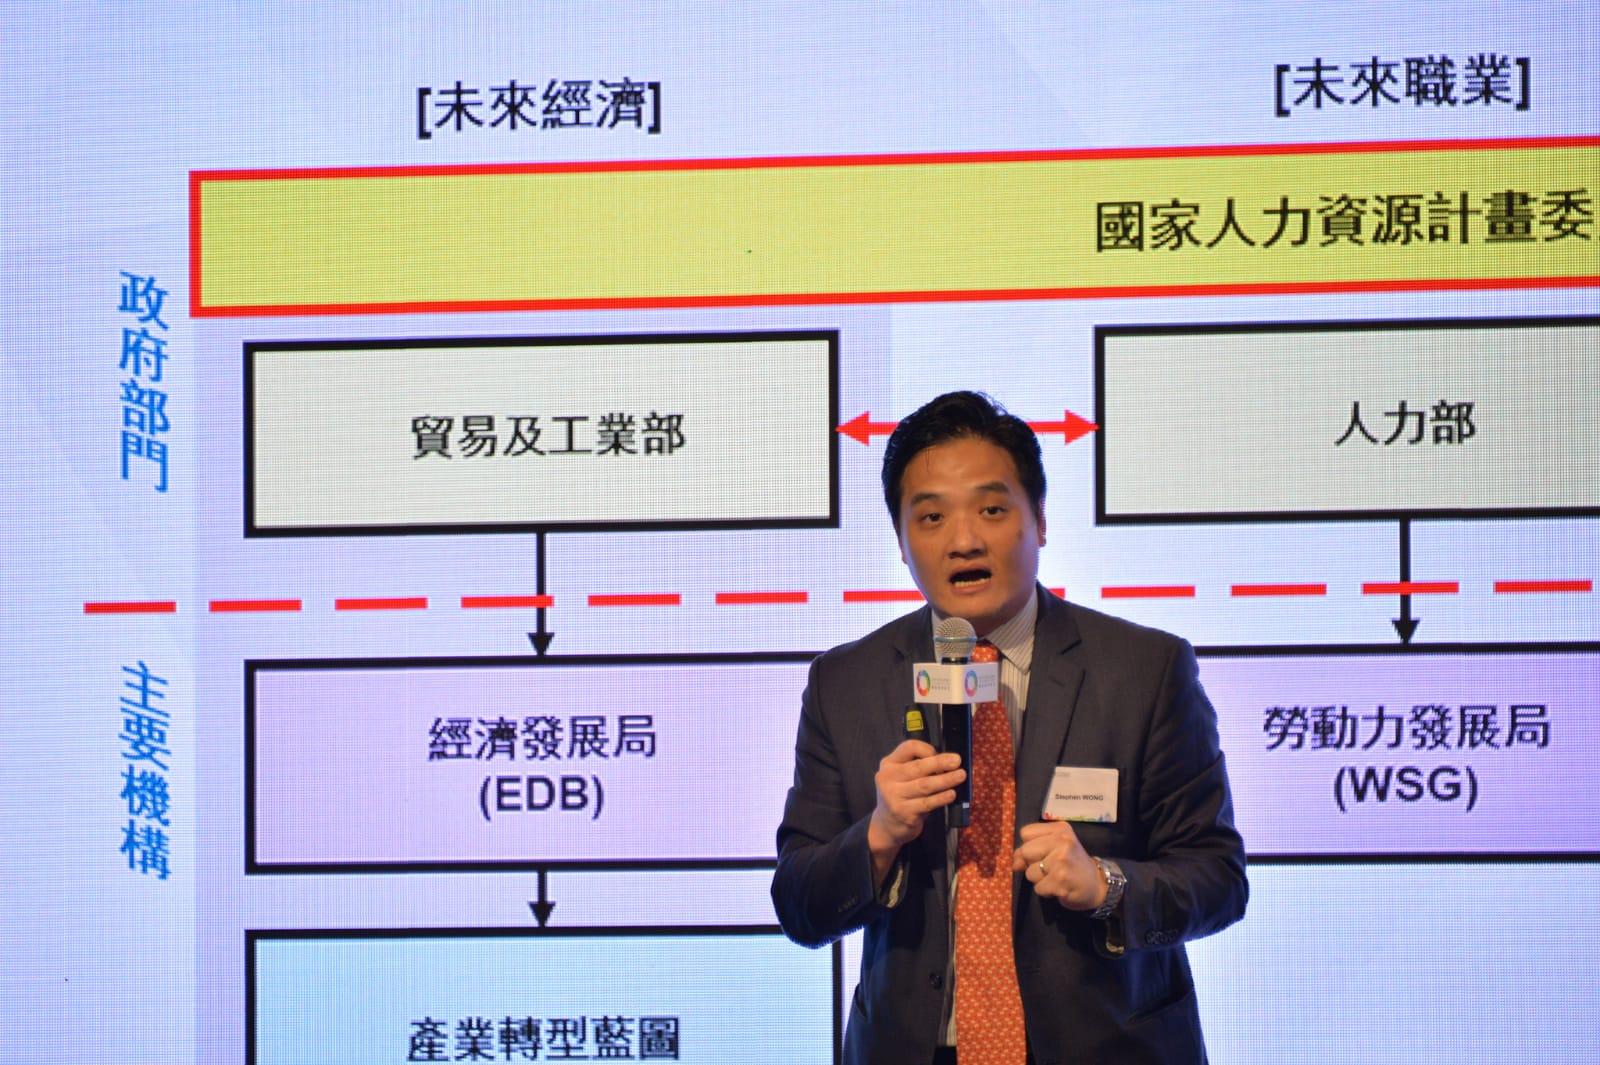 基金會副總幹事兼政策研究院主管黄元山